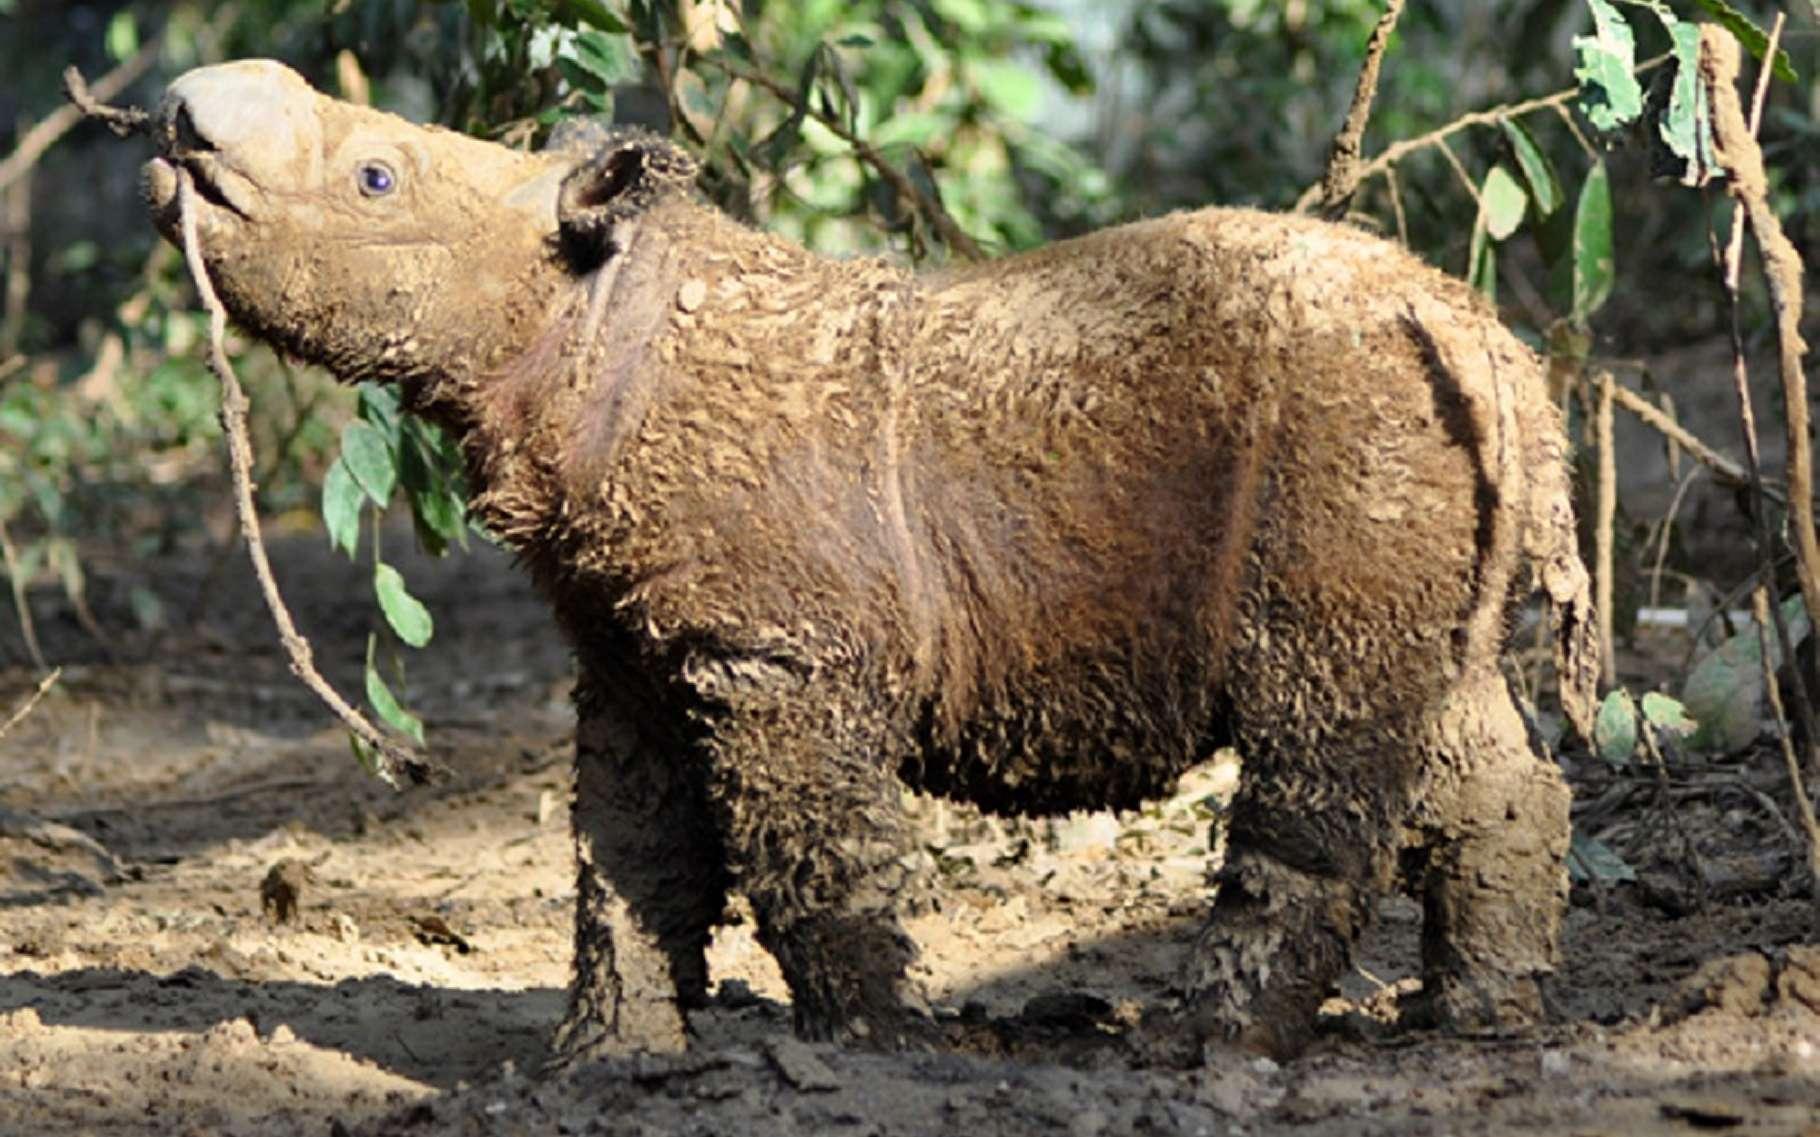 Andatu, jeune rhinocéros de Sumatra (Dicerorhinus sumatrensis) né en captivité dans la réserve de Lampung, à Sumatra. Il sort d'un bain de boue, une activité quotidienne et importante chez cette espèce qui vit en forêt tropicale. L'animal se débarrasse ainsi de ses parasites. © International Rhino Foundation